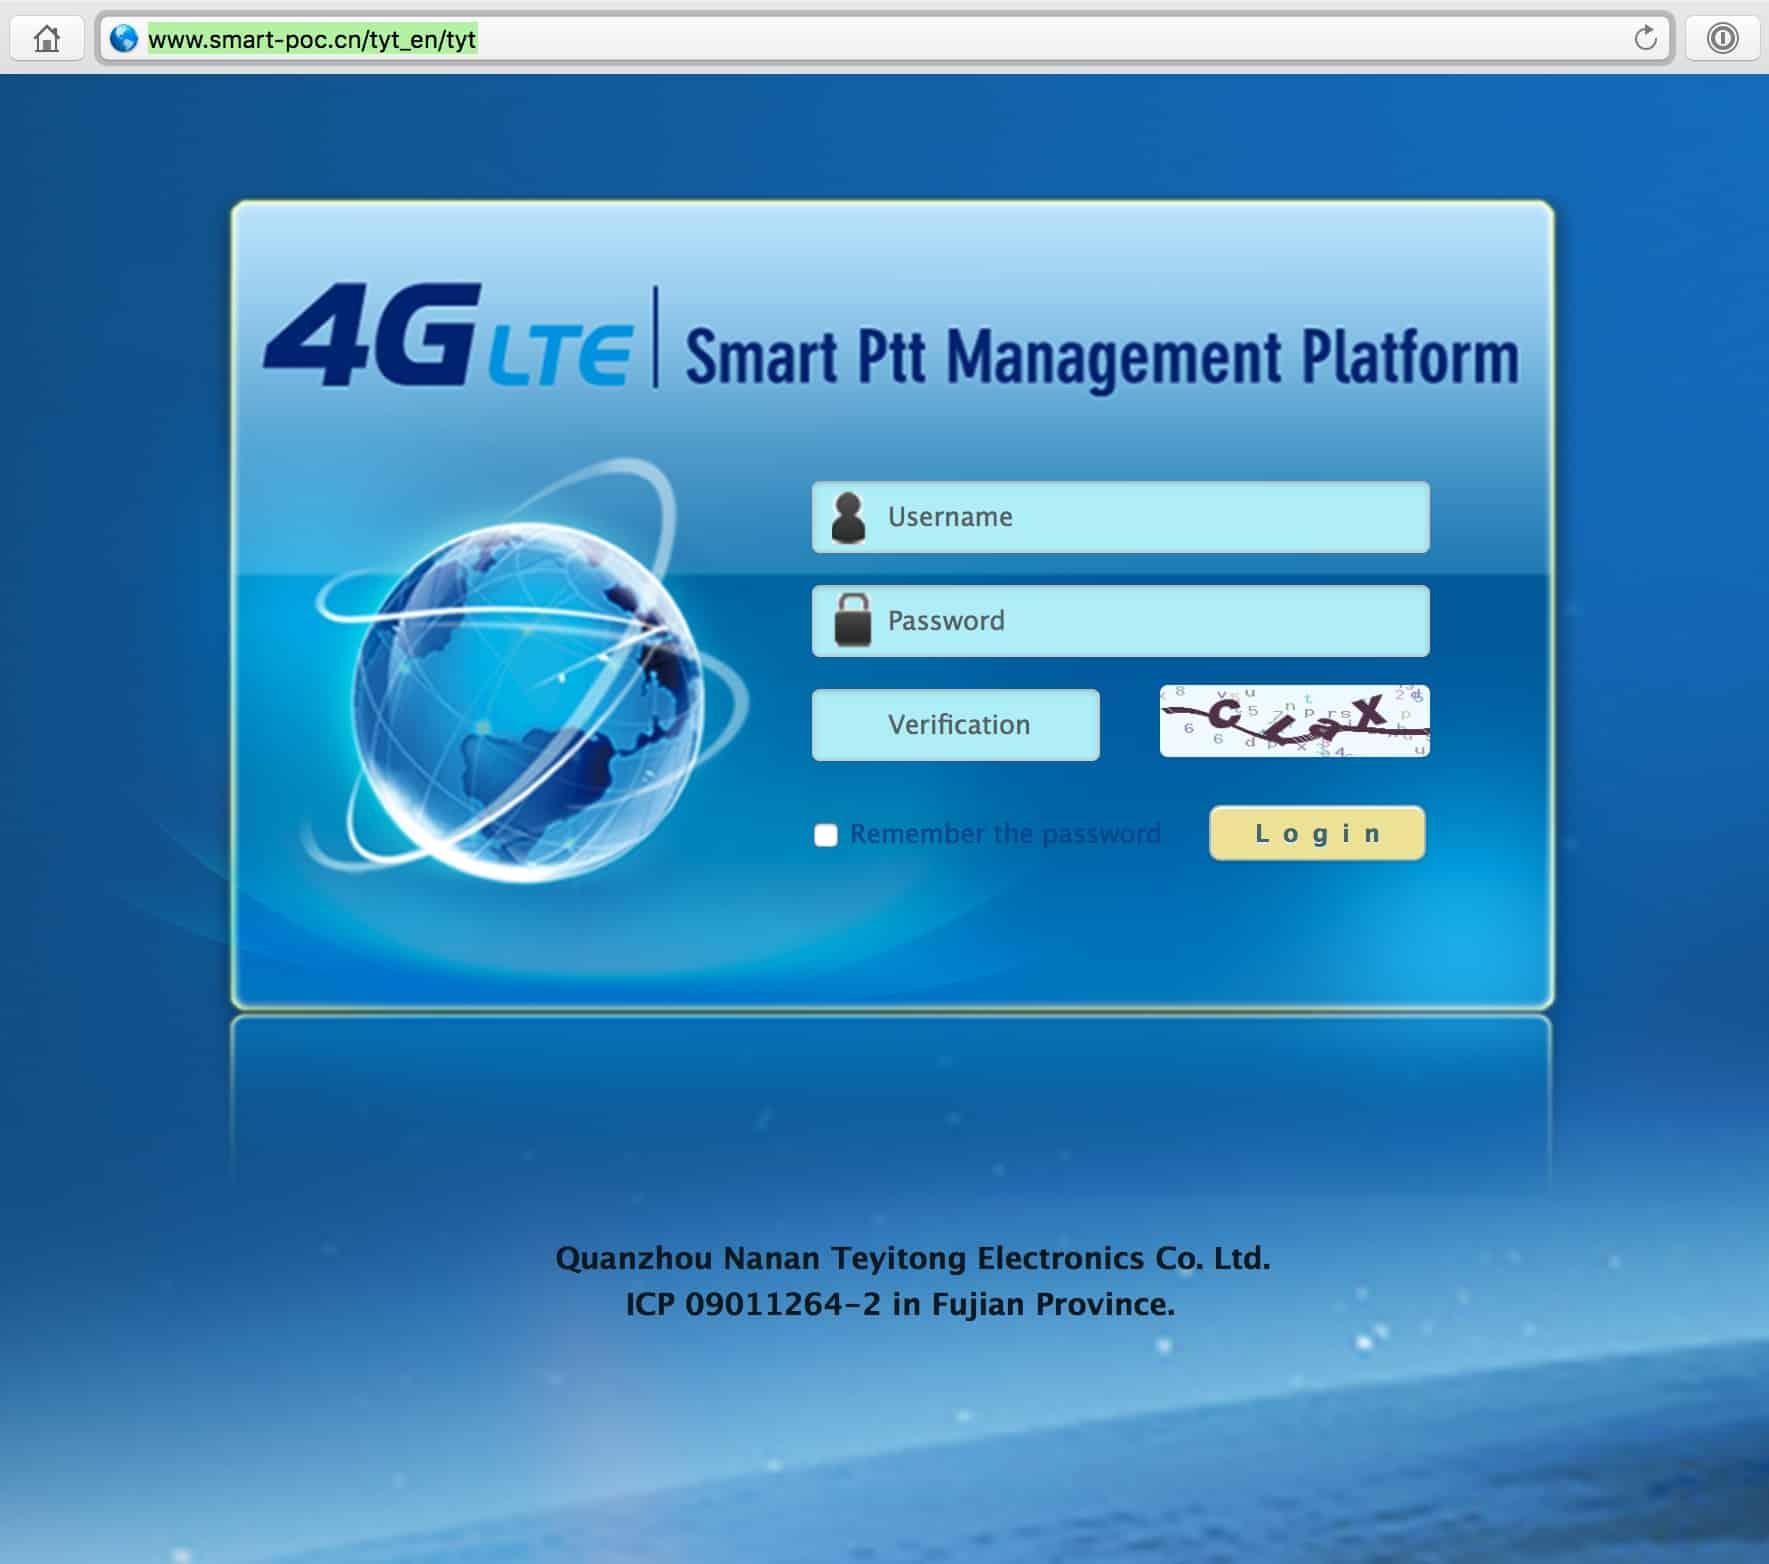 A screenshot of the Smart Ptt Management Platform login webpage